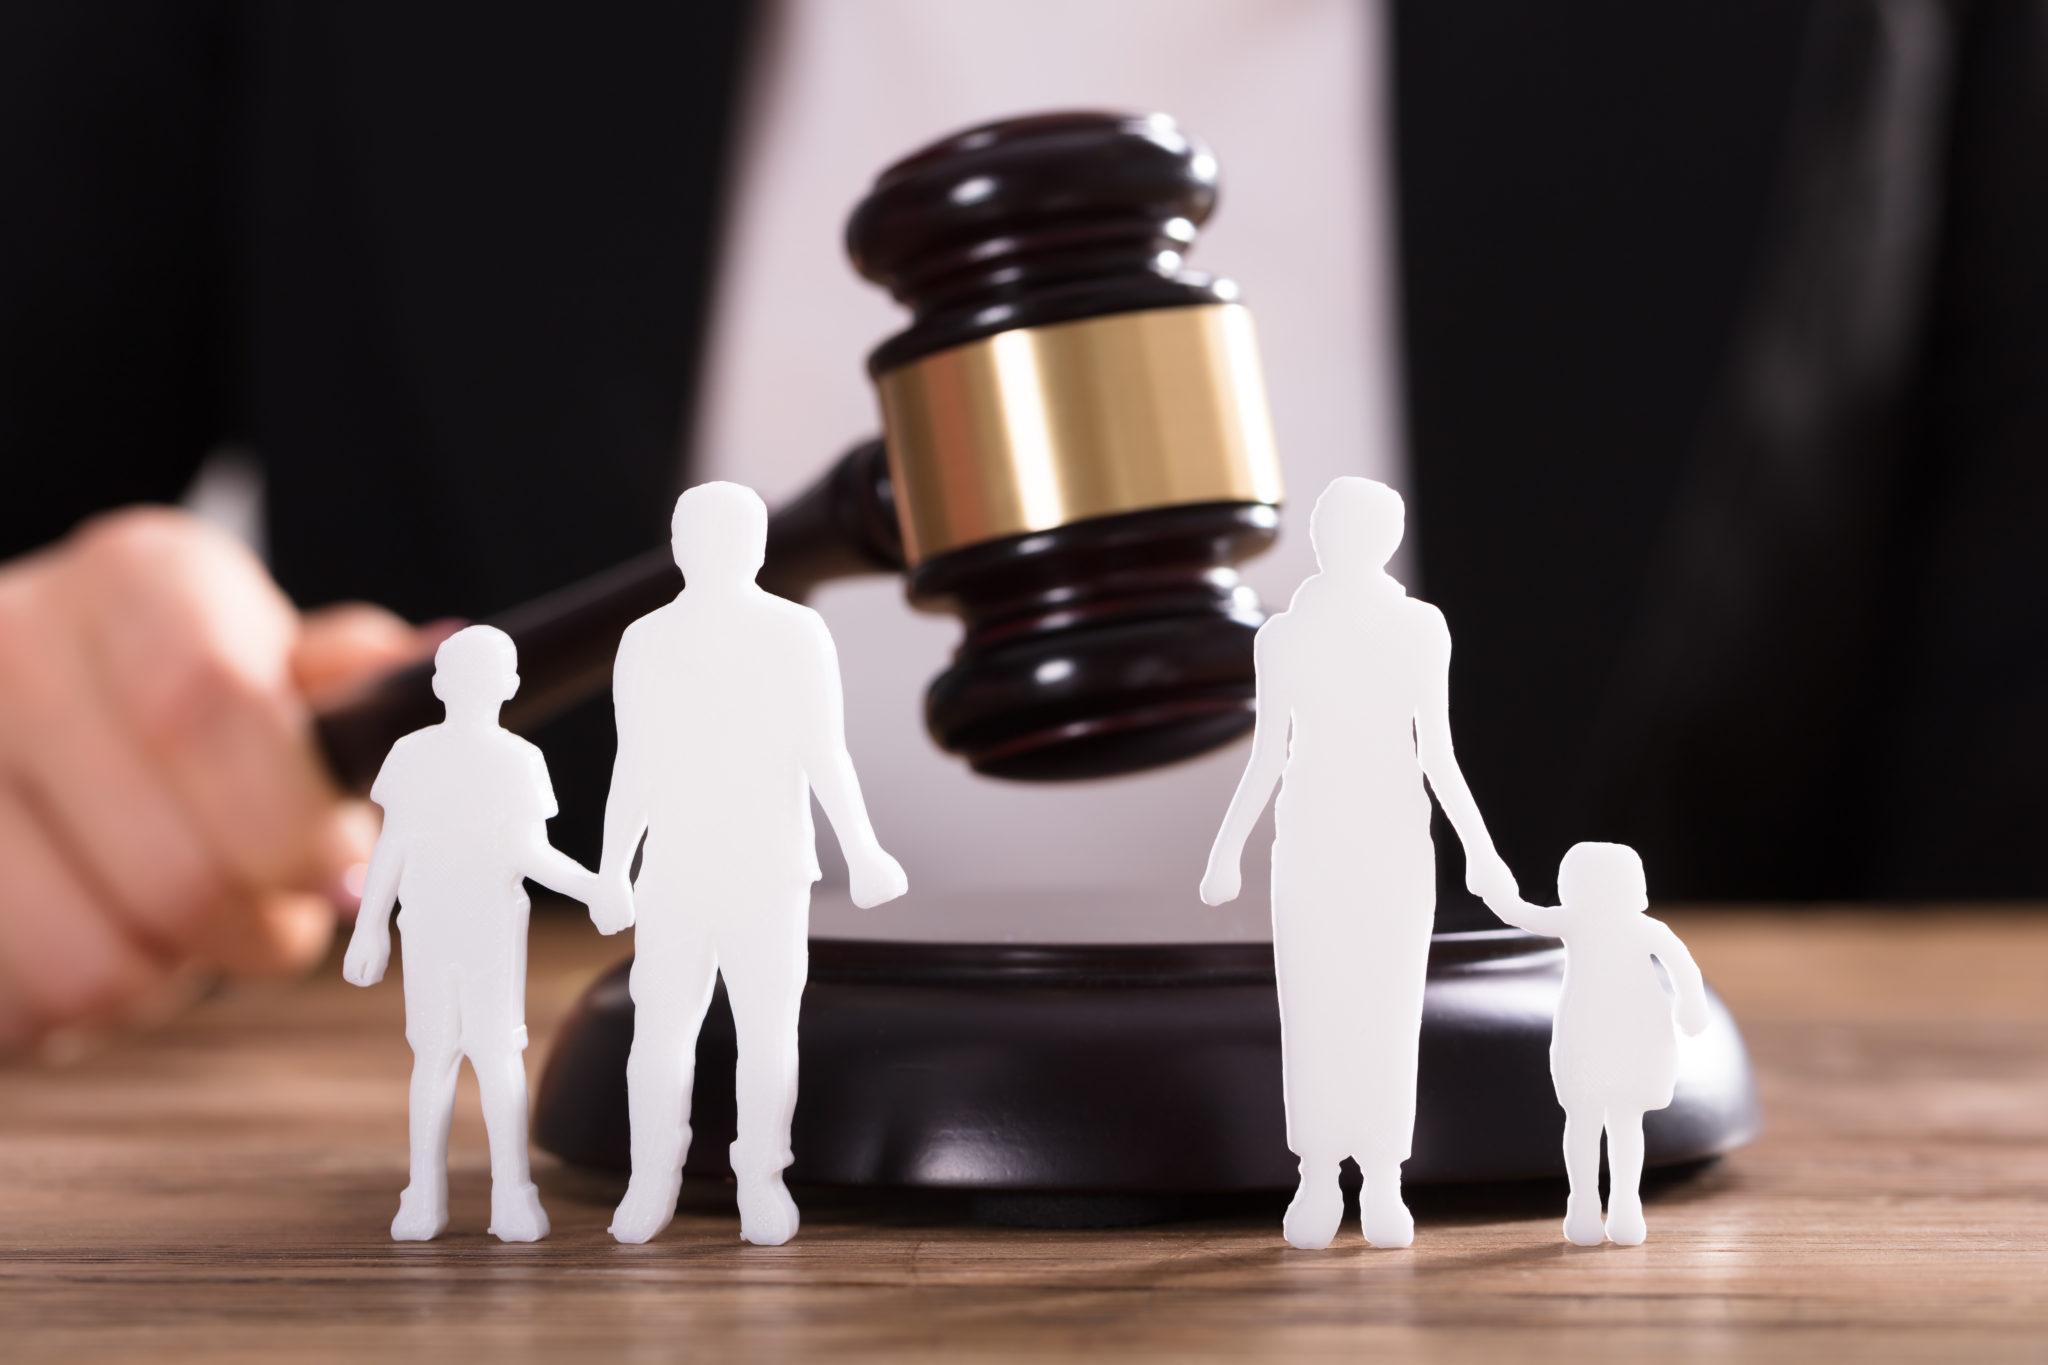 споры о детях в суде